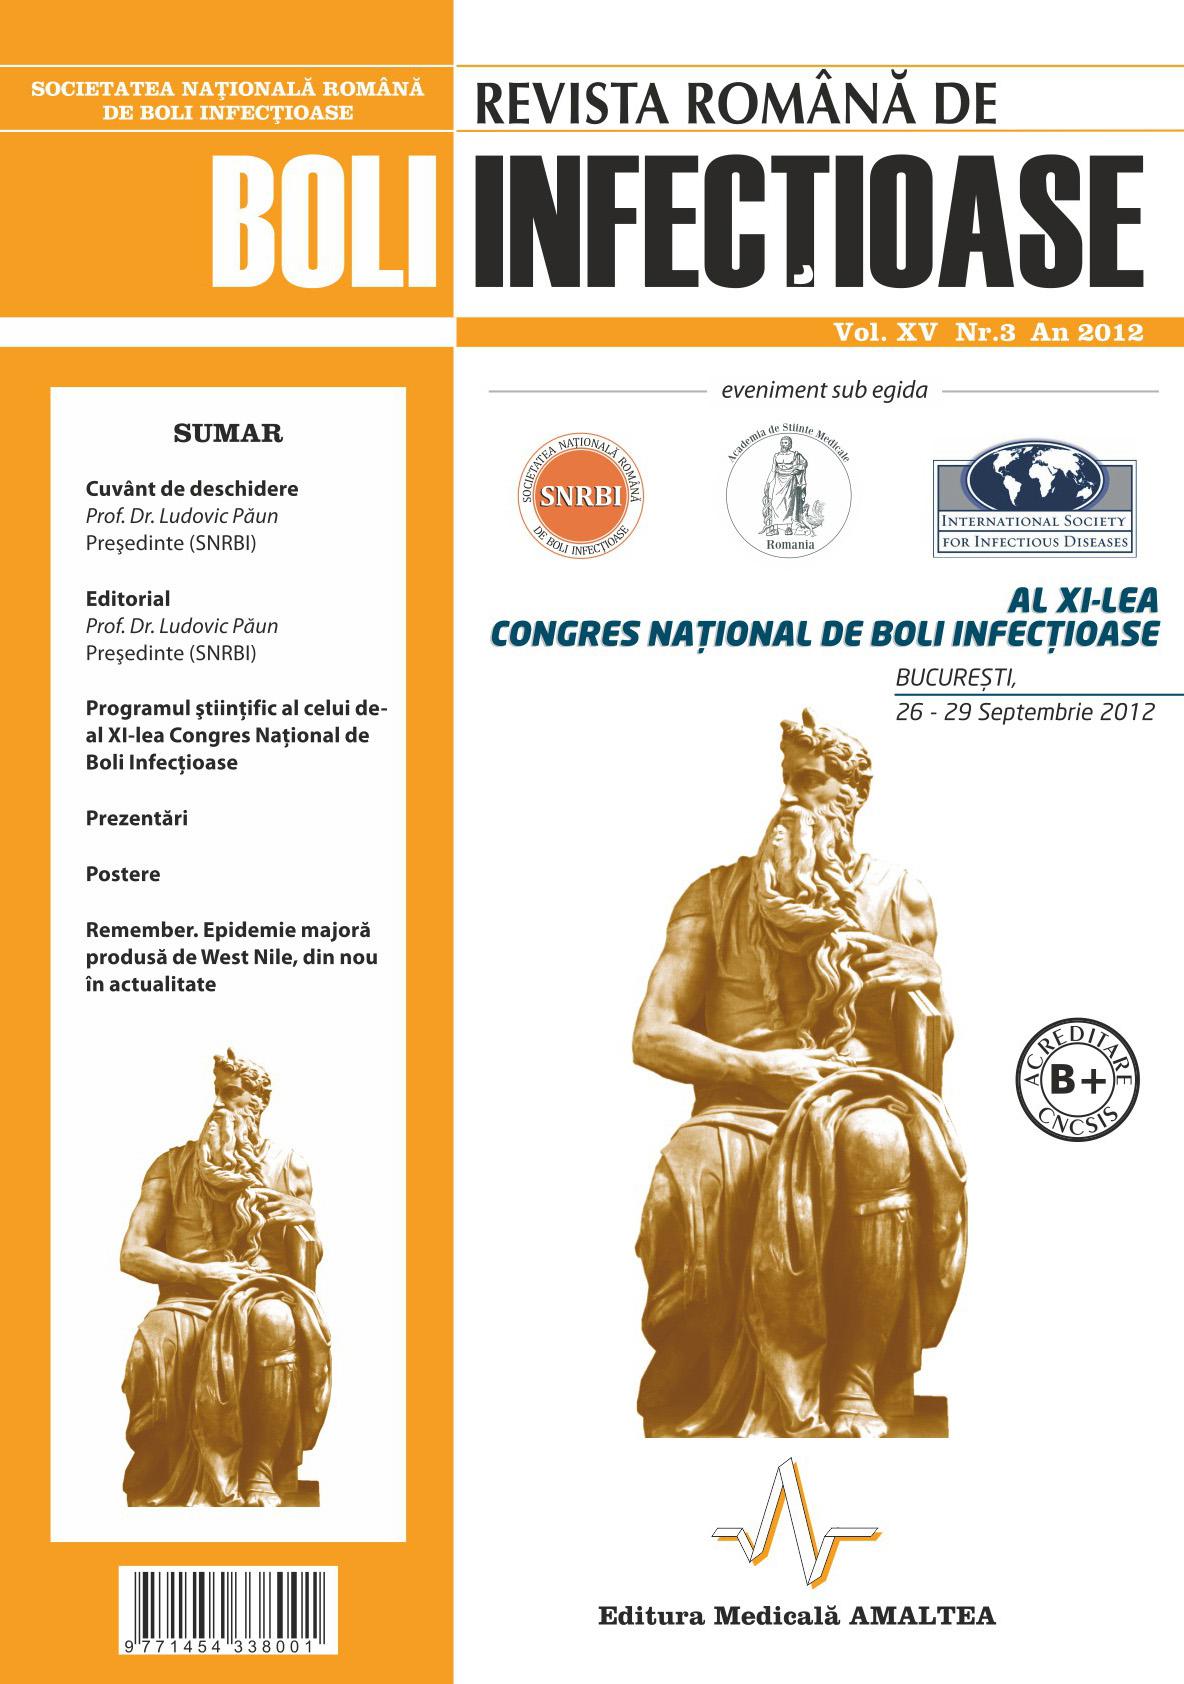 Revista Romana de Boli Infectioase | Vol. XV, No. 3, 2012